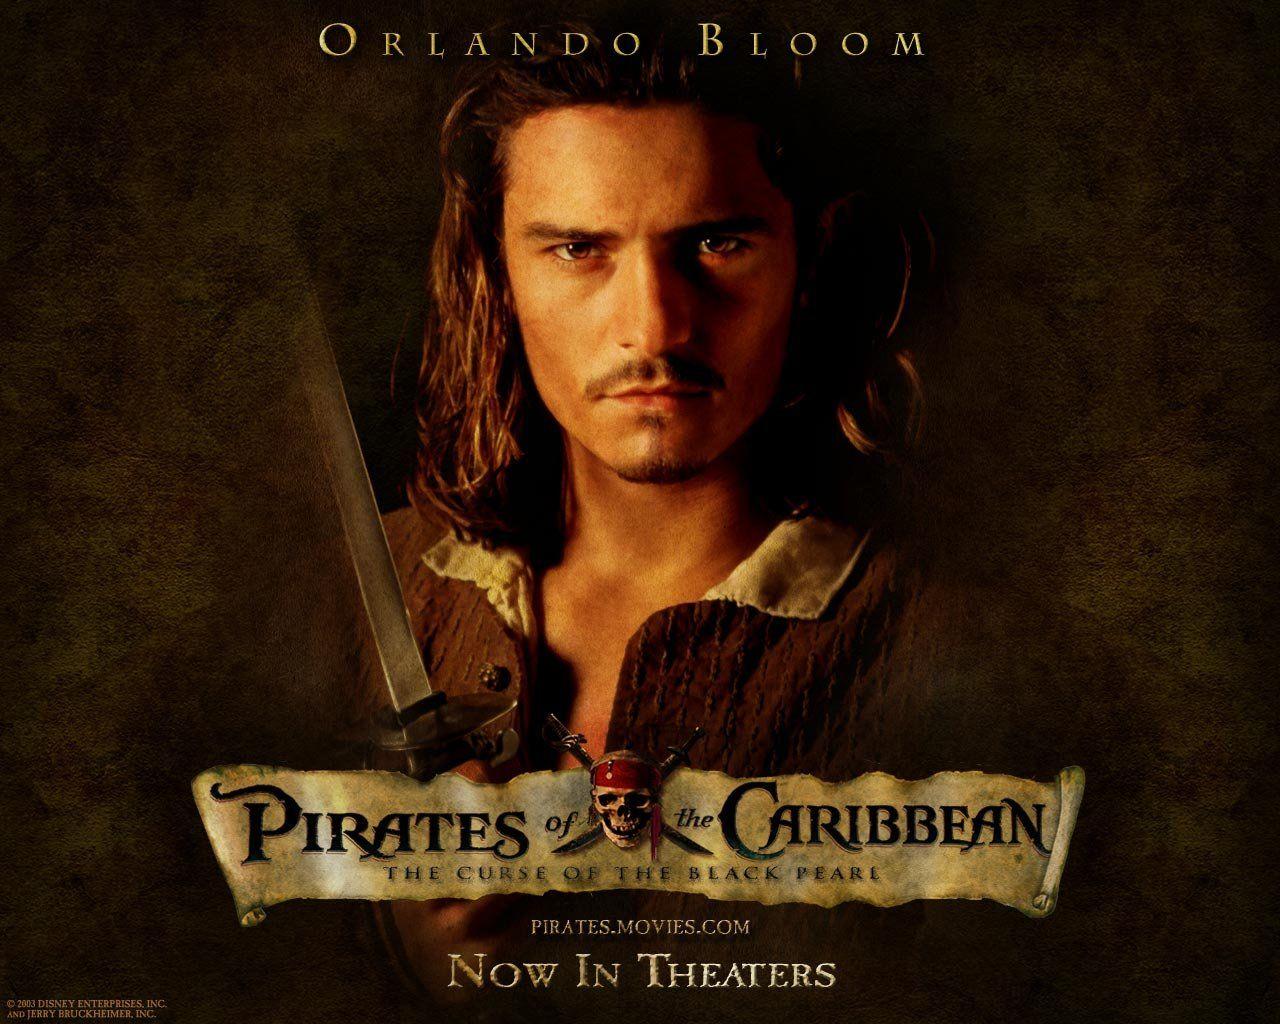 Oboi Piraty Karibskogo Morya Proklyatie Chernoj Zhemchuzhiny Piraty Karibskogo Morya Orlando Blum Piraty